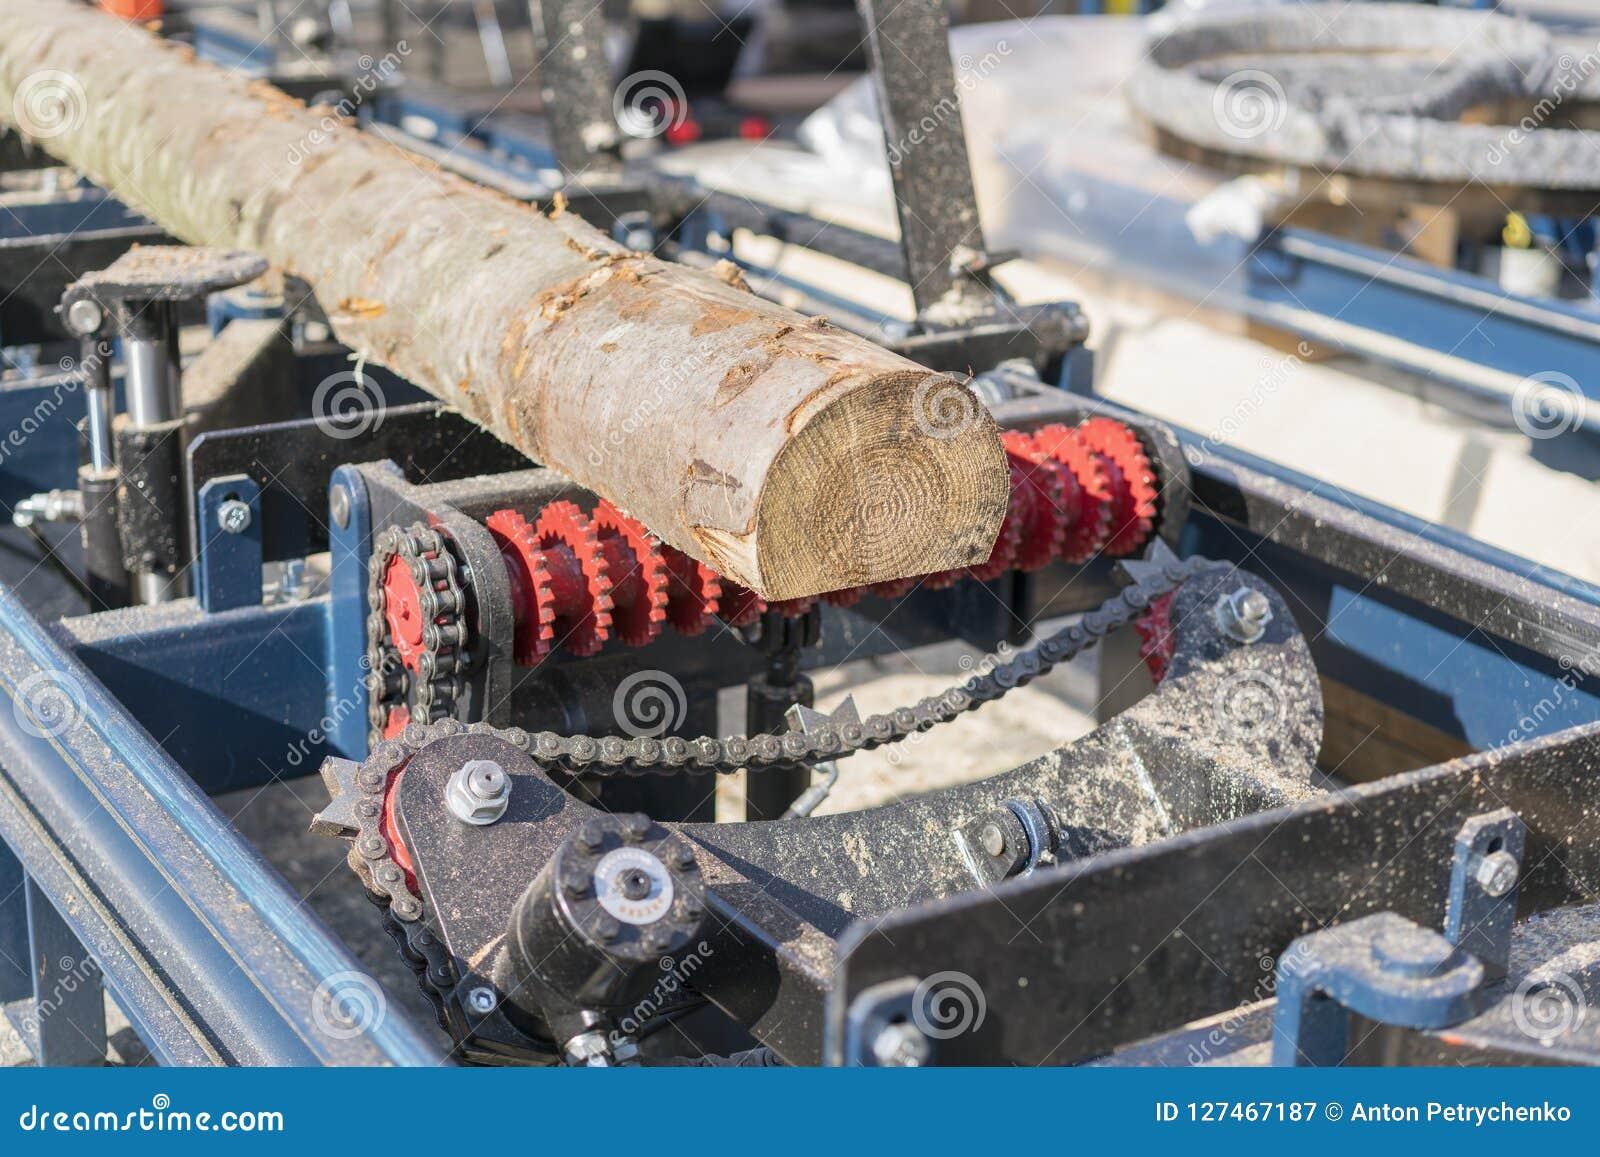 Scierie Le processus d usiner la machine de scierie d équipement d identifiez-vous a vu que des scies que le tronc d arbre sur la